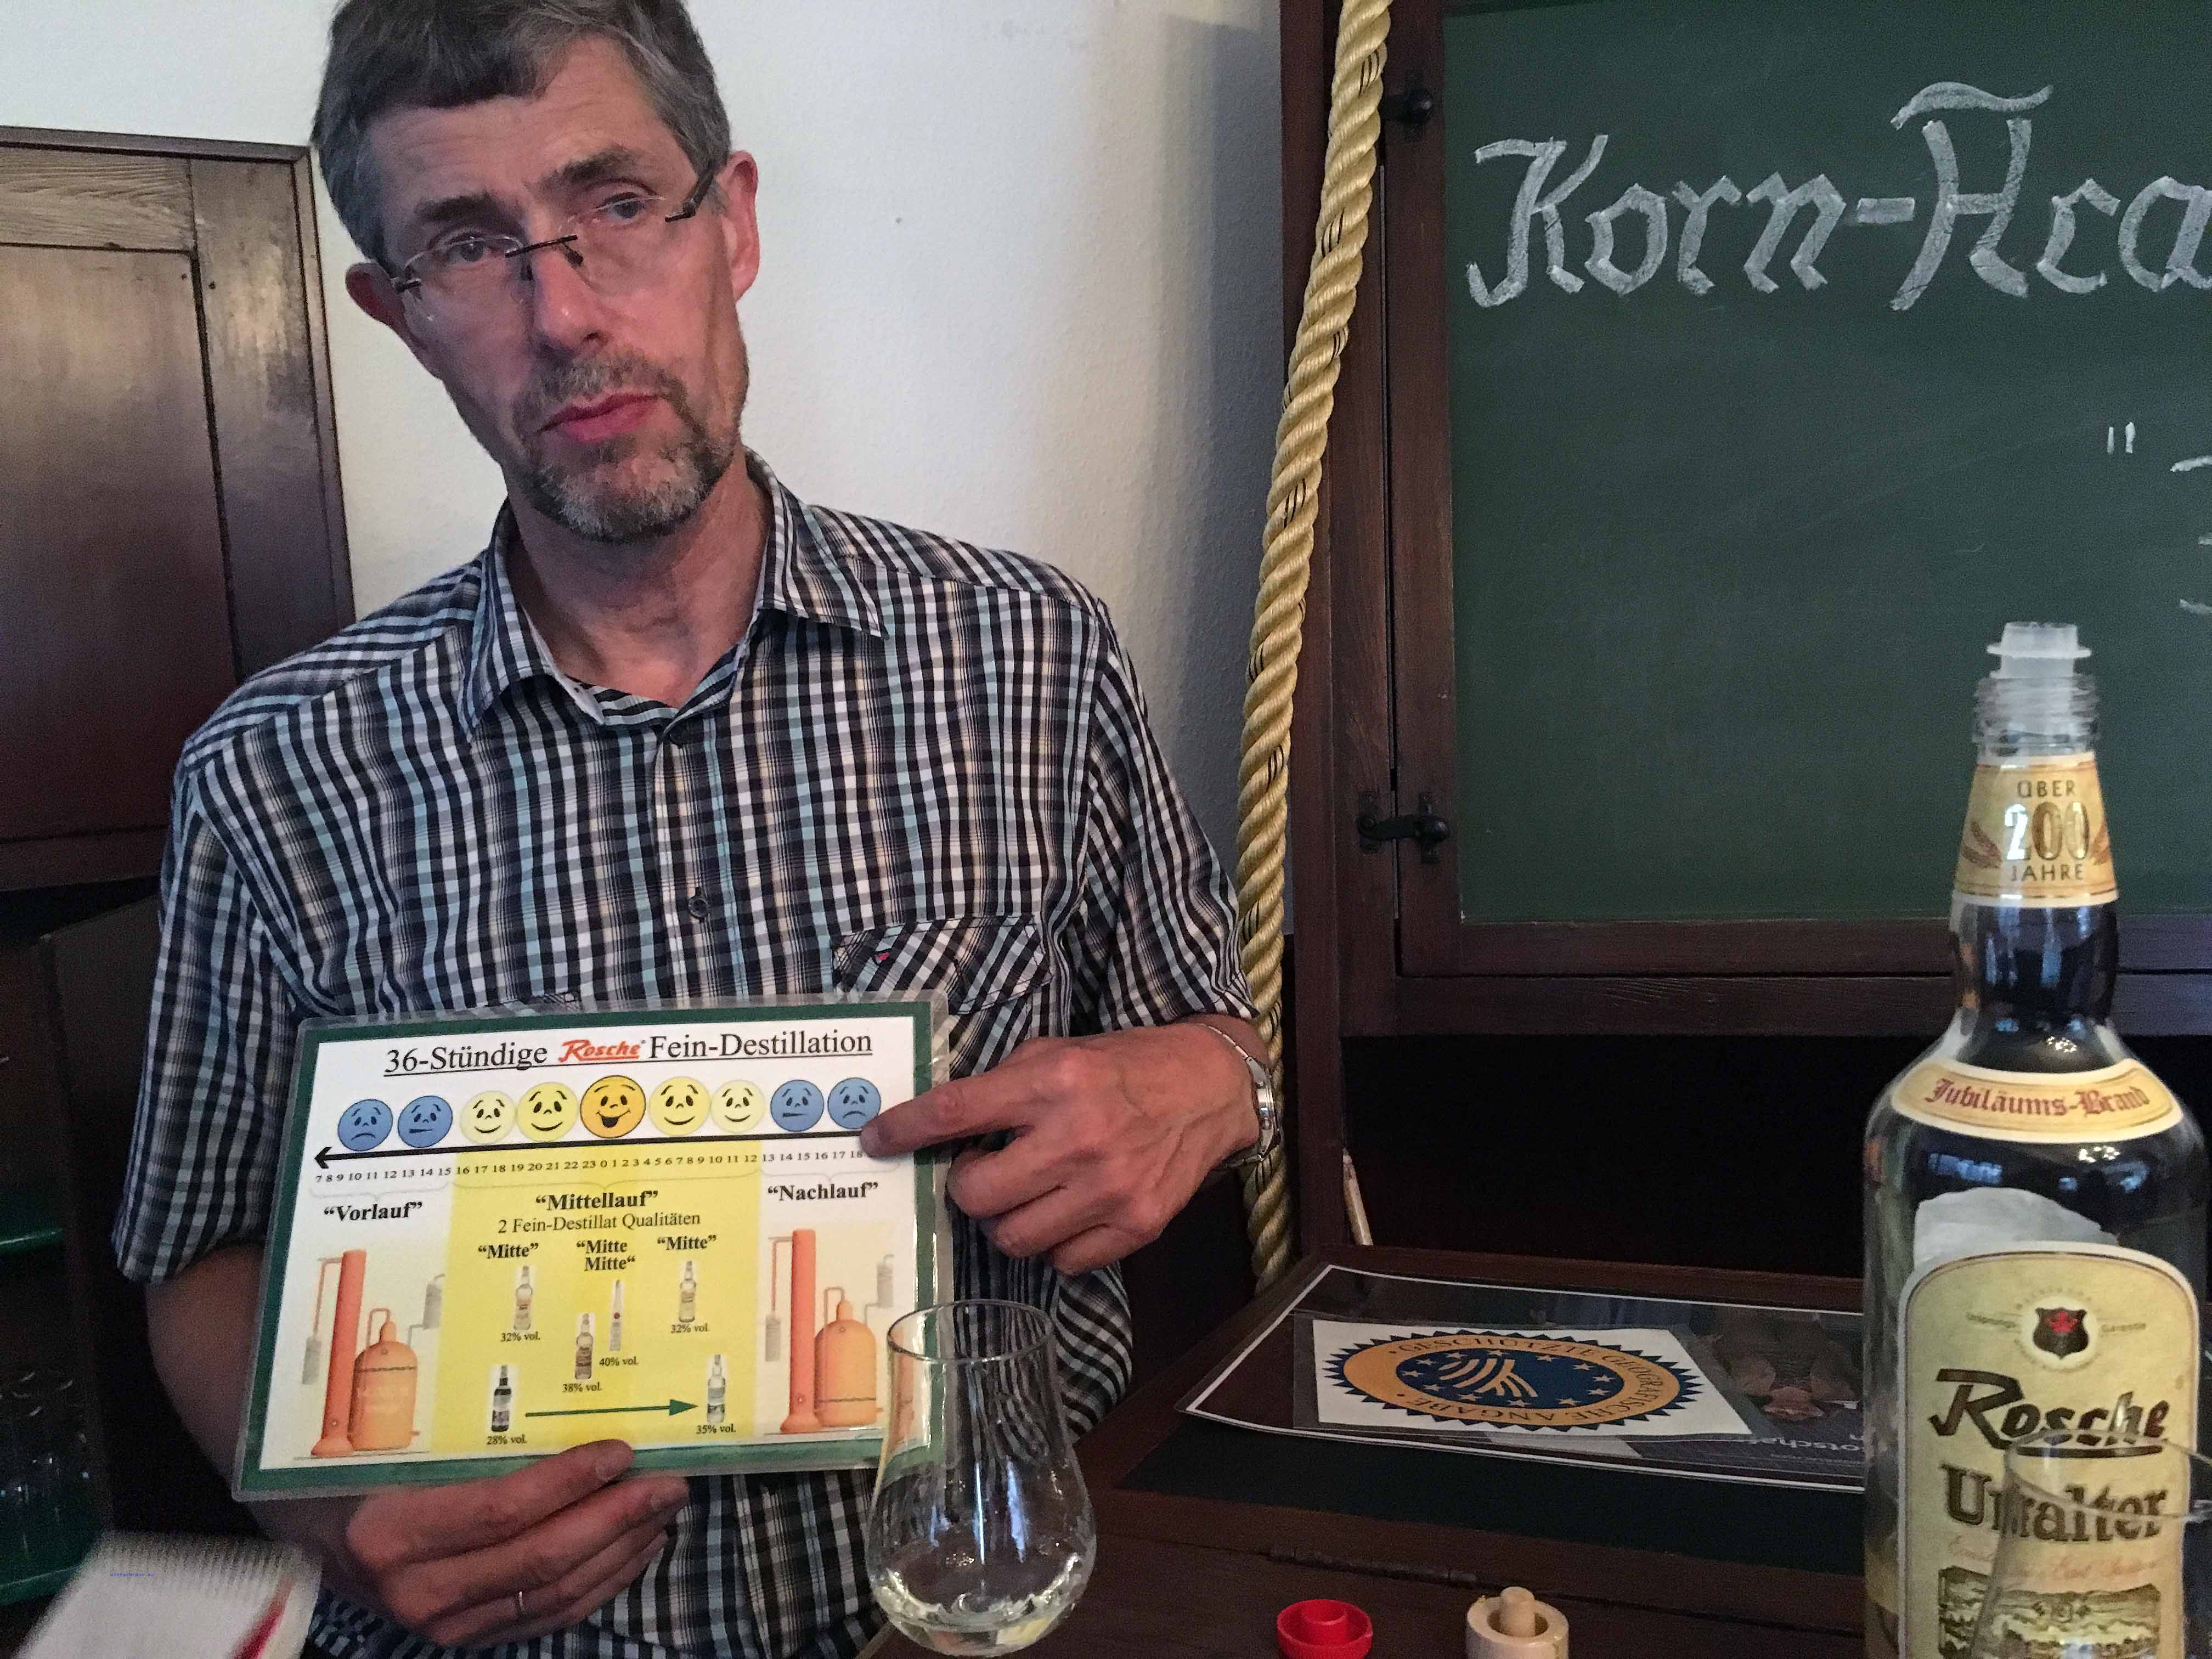 """Besuch bei der Edelkorn-Brennerei Jos. Rosche mit Einblick in die """"Korn-Academie"""" im Gespräch mit Josef Rosche"""